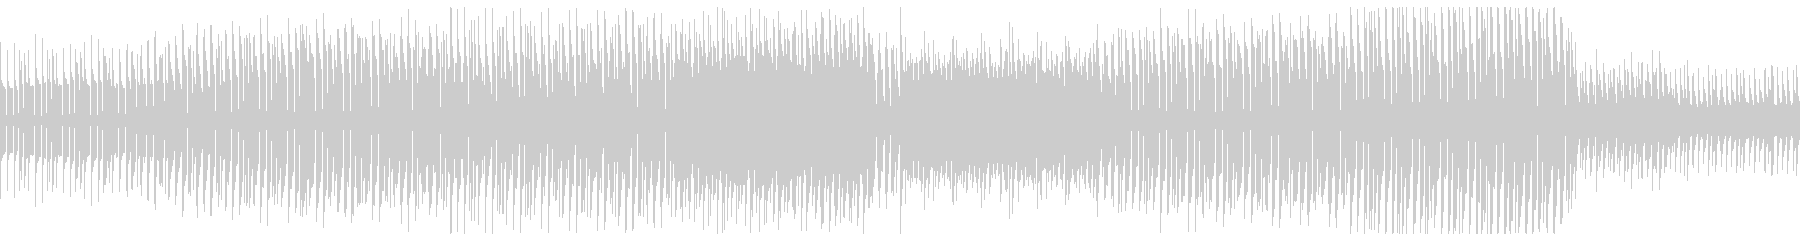 ビリビリしたシンセが特徴的なエレクトロの未再生の波形